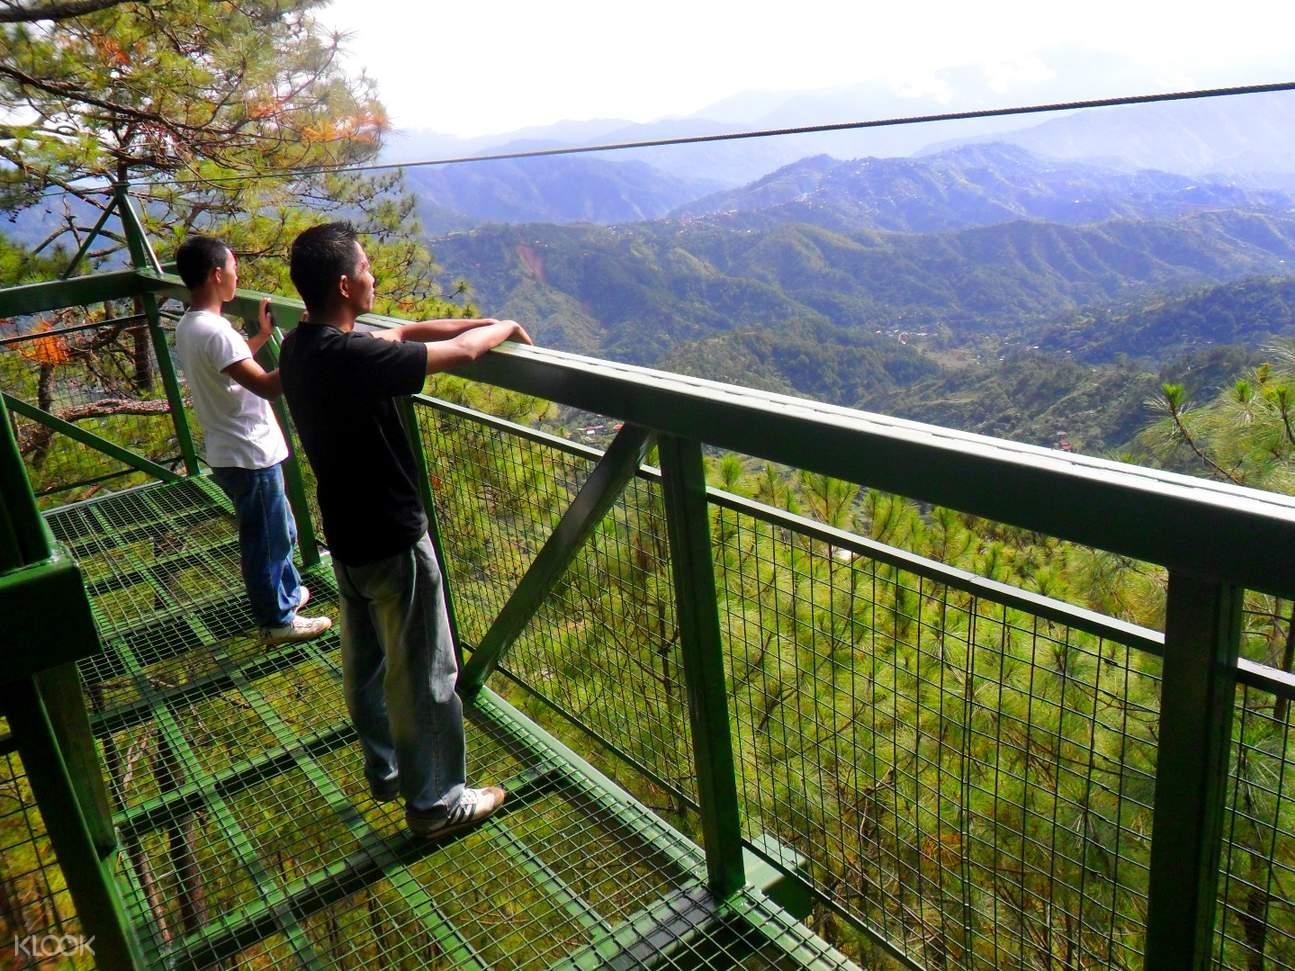 碧瑤樹頂冒險樂園 空中漫步